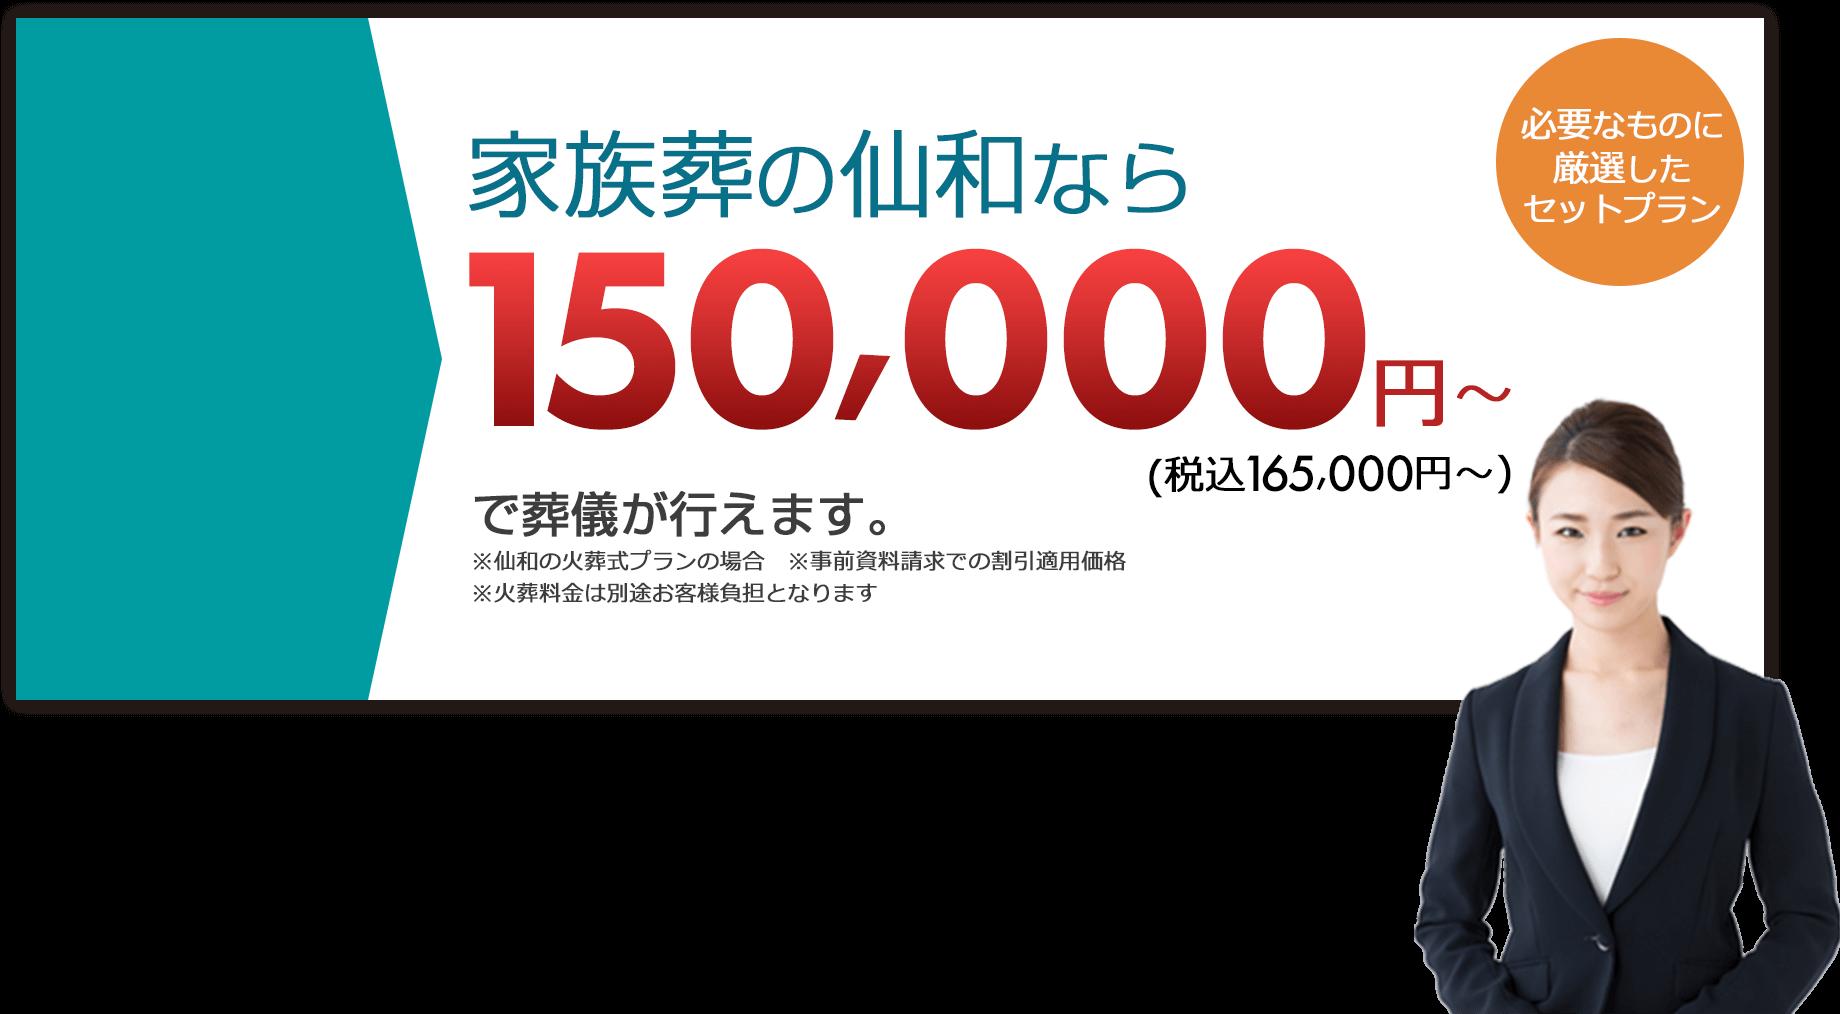 仙台で葬儀・家族葬をお探しですか?家族葬の仙和なら15万円~で葬儀が行えます。